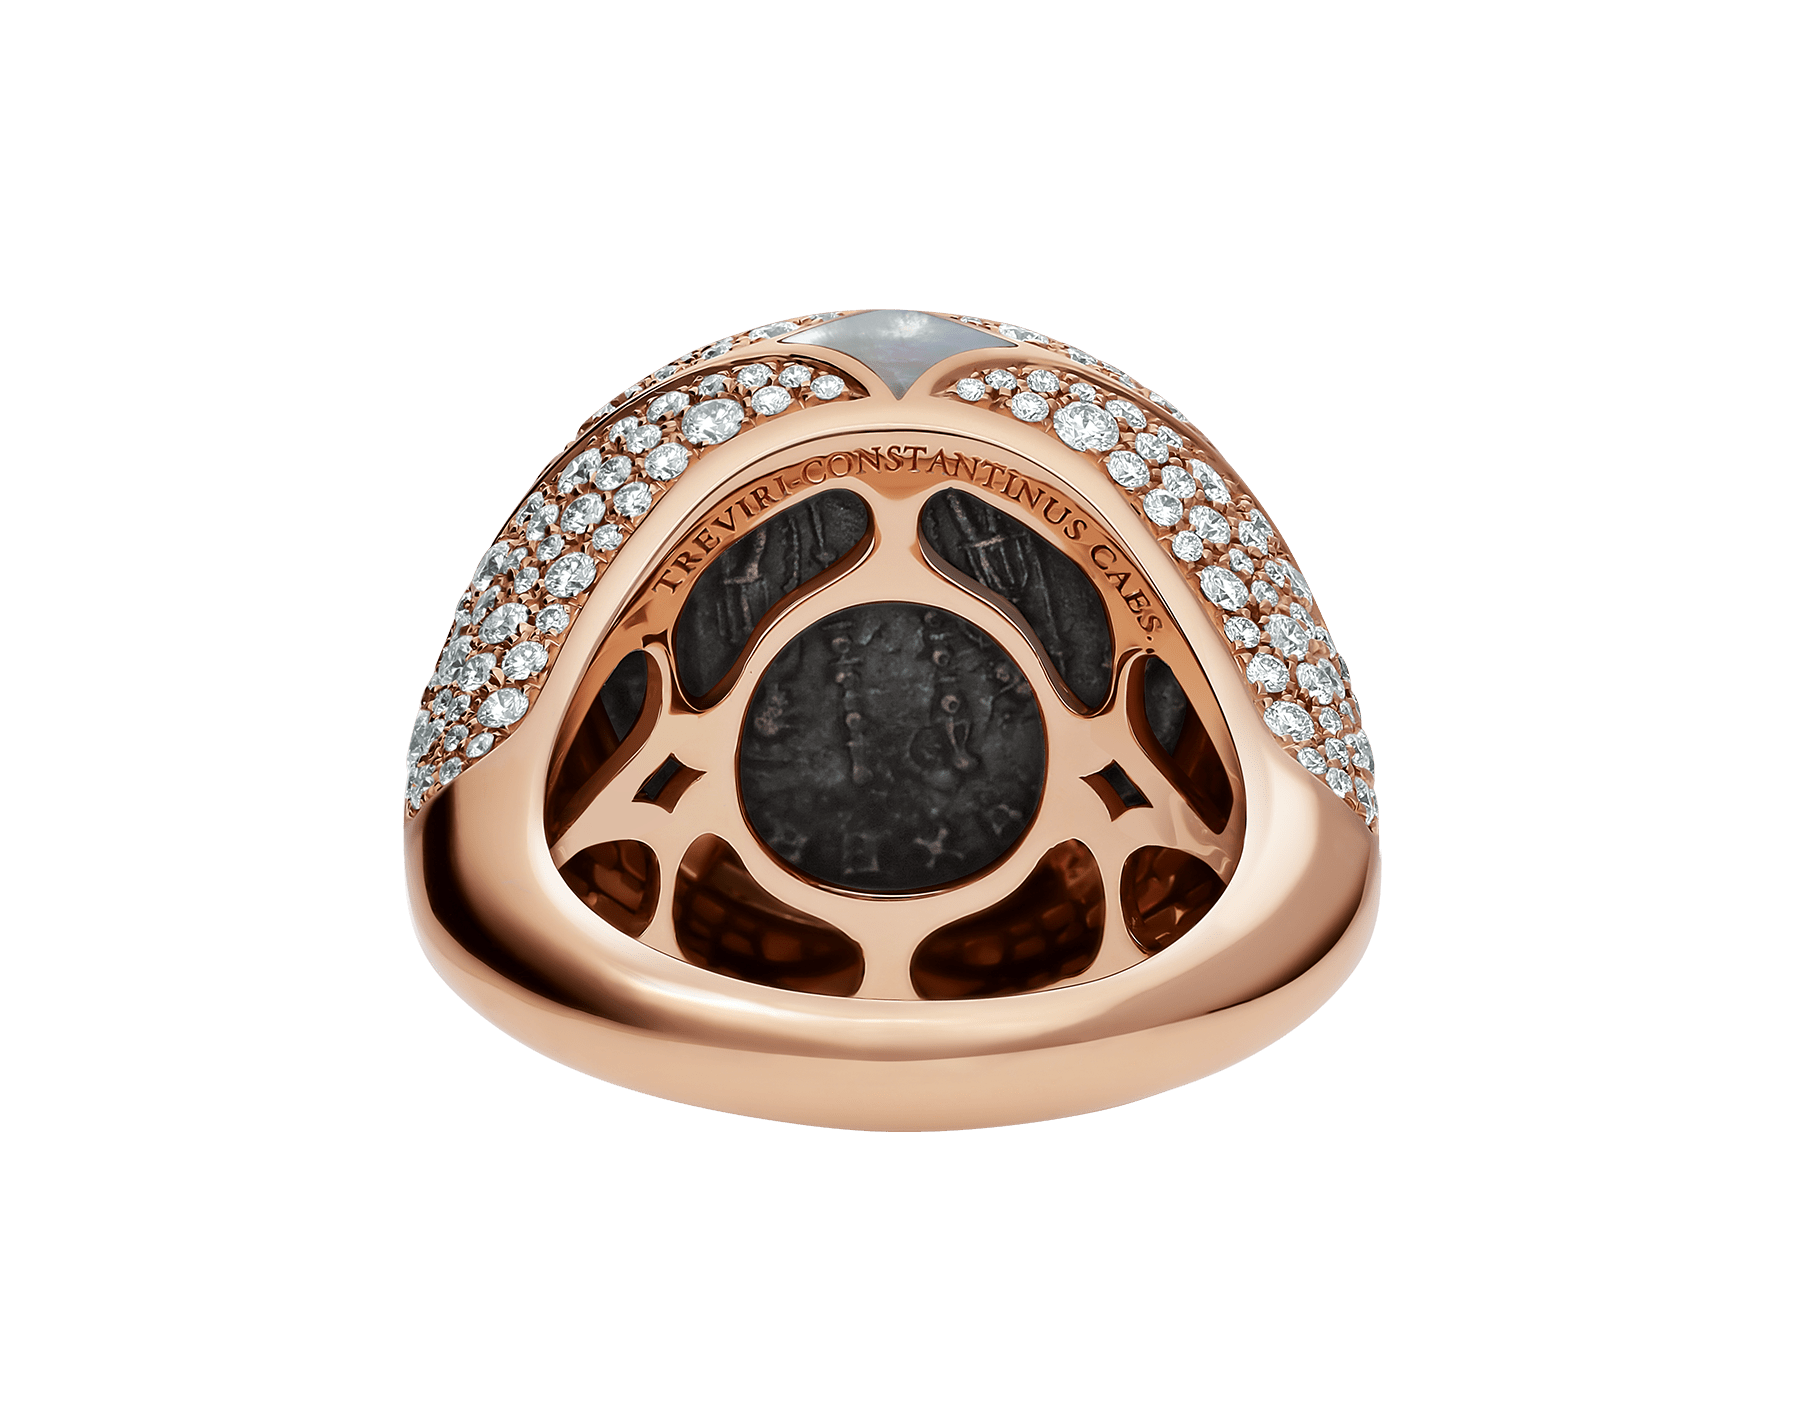 Anel Monete em ouro rosa 18K cravejado com uma moeda antiga, elementos de madrepérola e pavê de diamantes AN858424 image 4